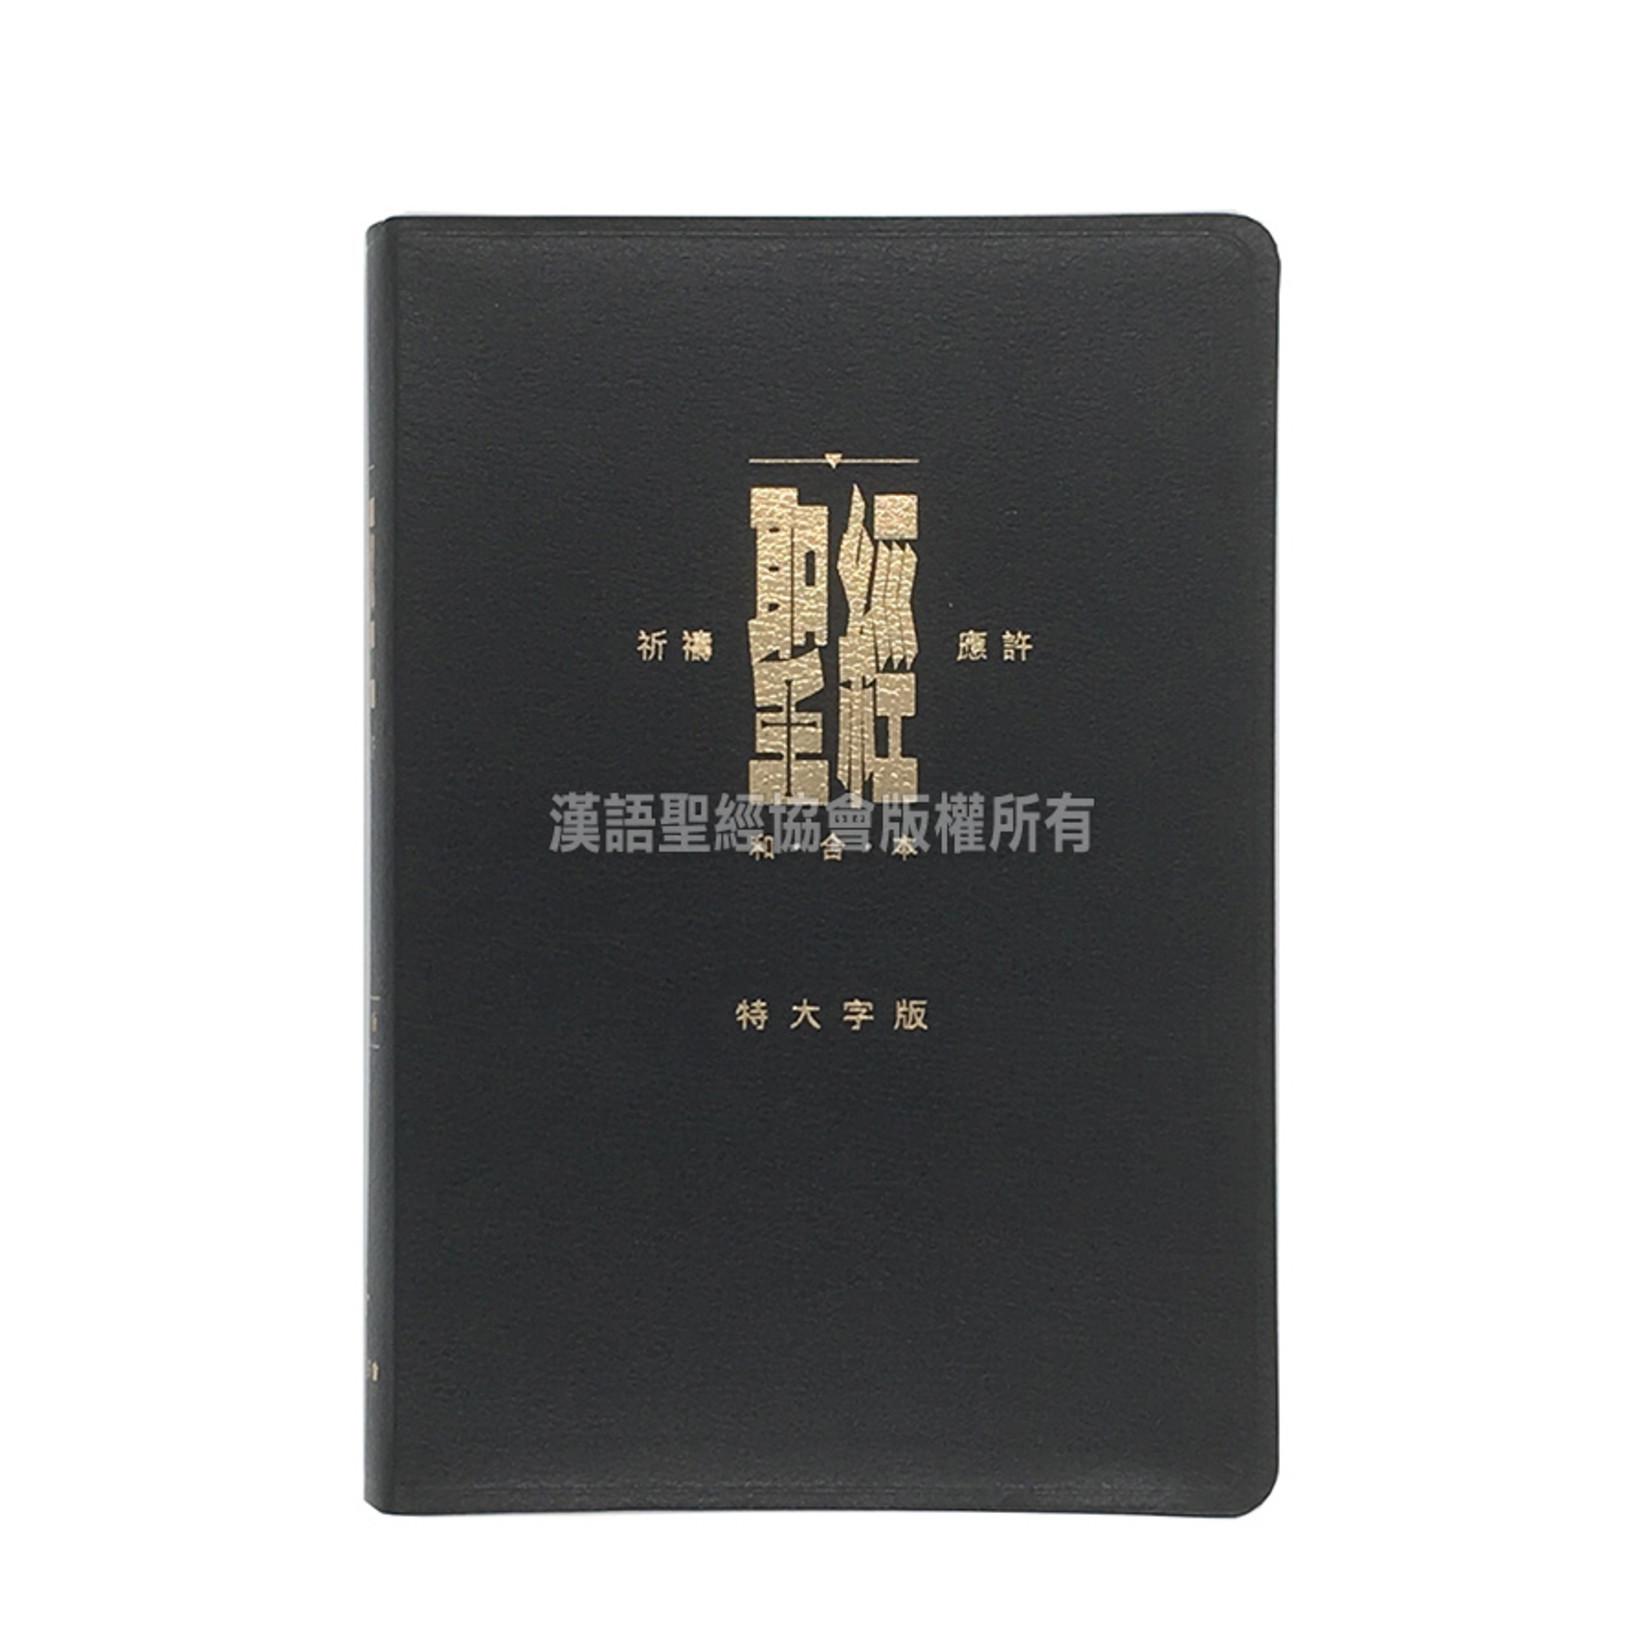 漢語聖經協會 Chinese Bible International 聖經.祈禱應許版.特大字版.黑色皮面.金邊.拇指版